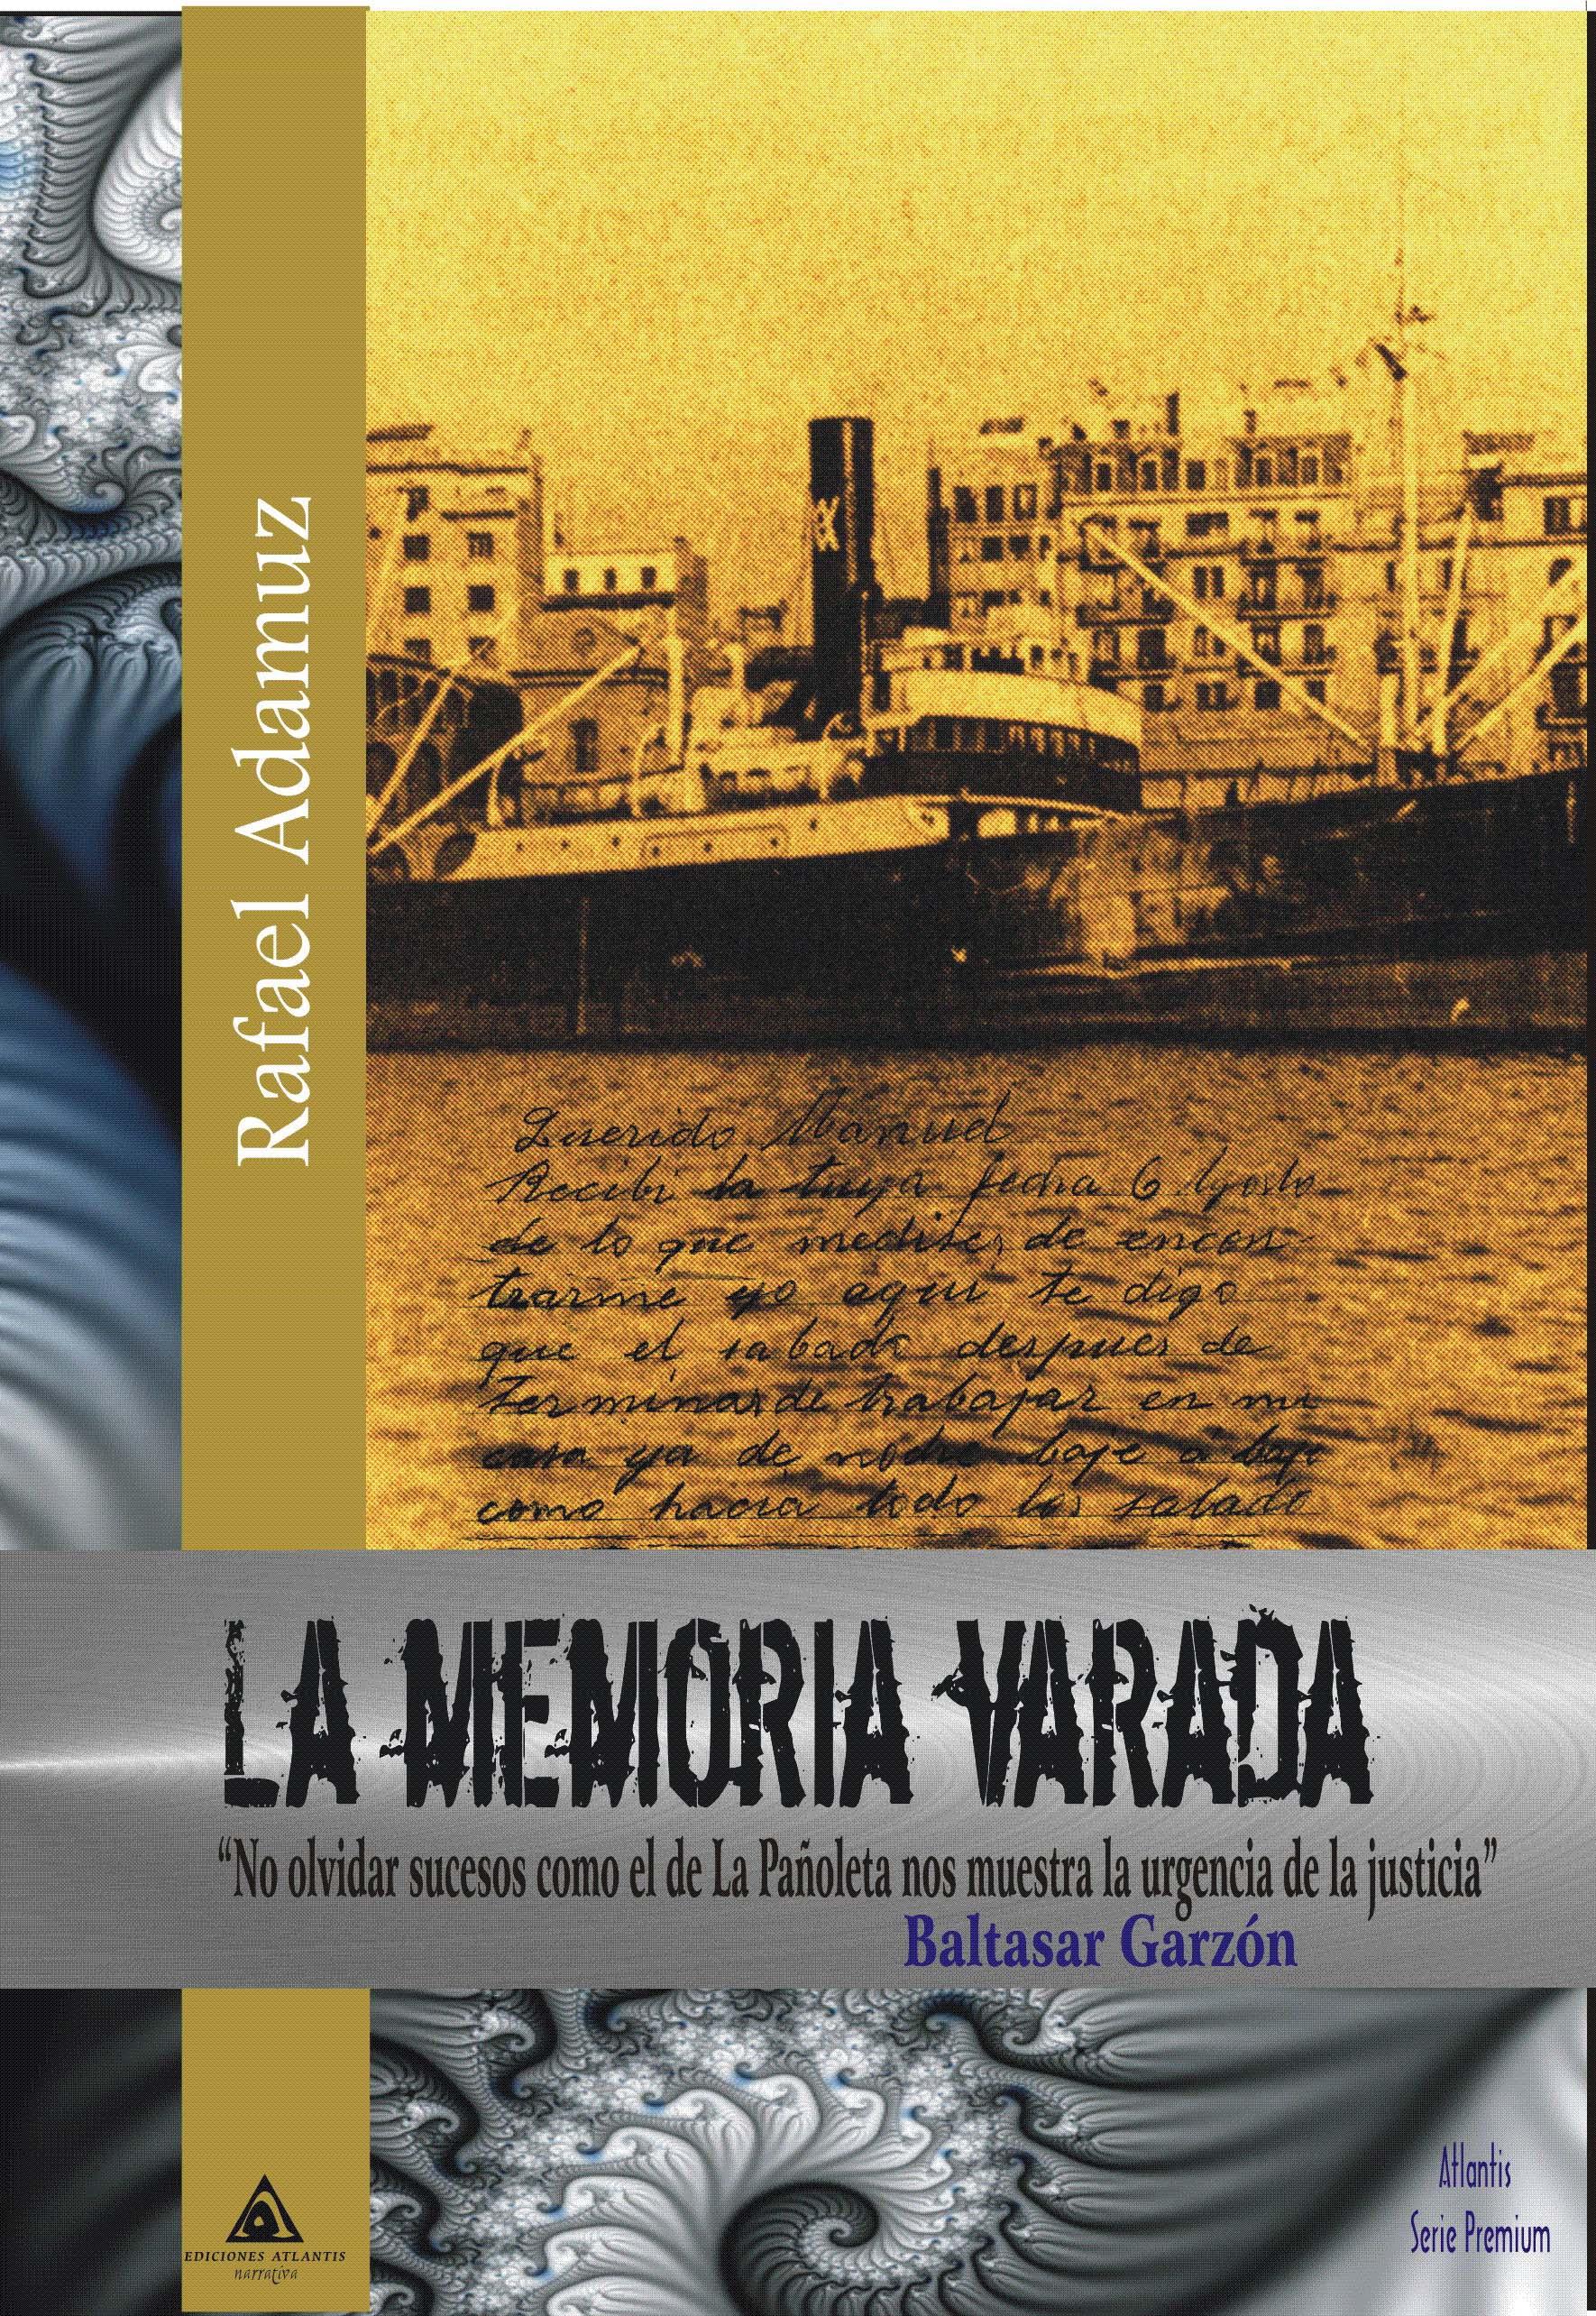 El periodista Rafael Adamuz presenta su libro 'La memoria varada' en Miami